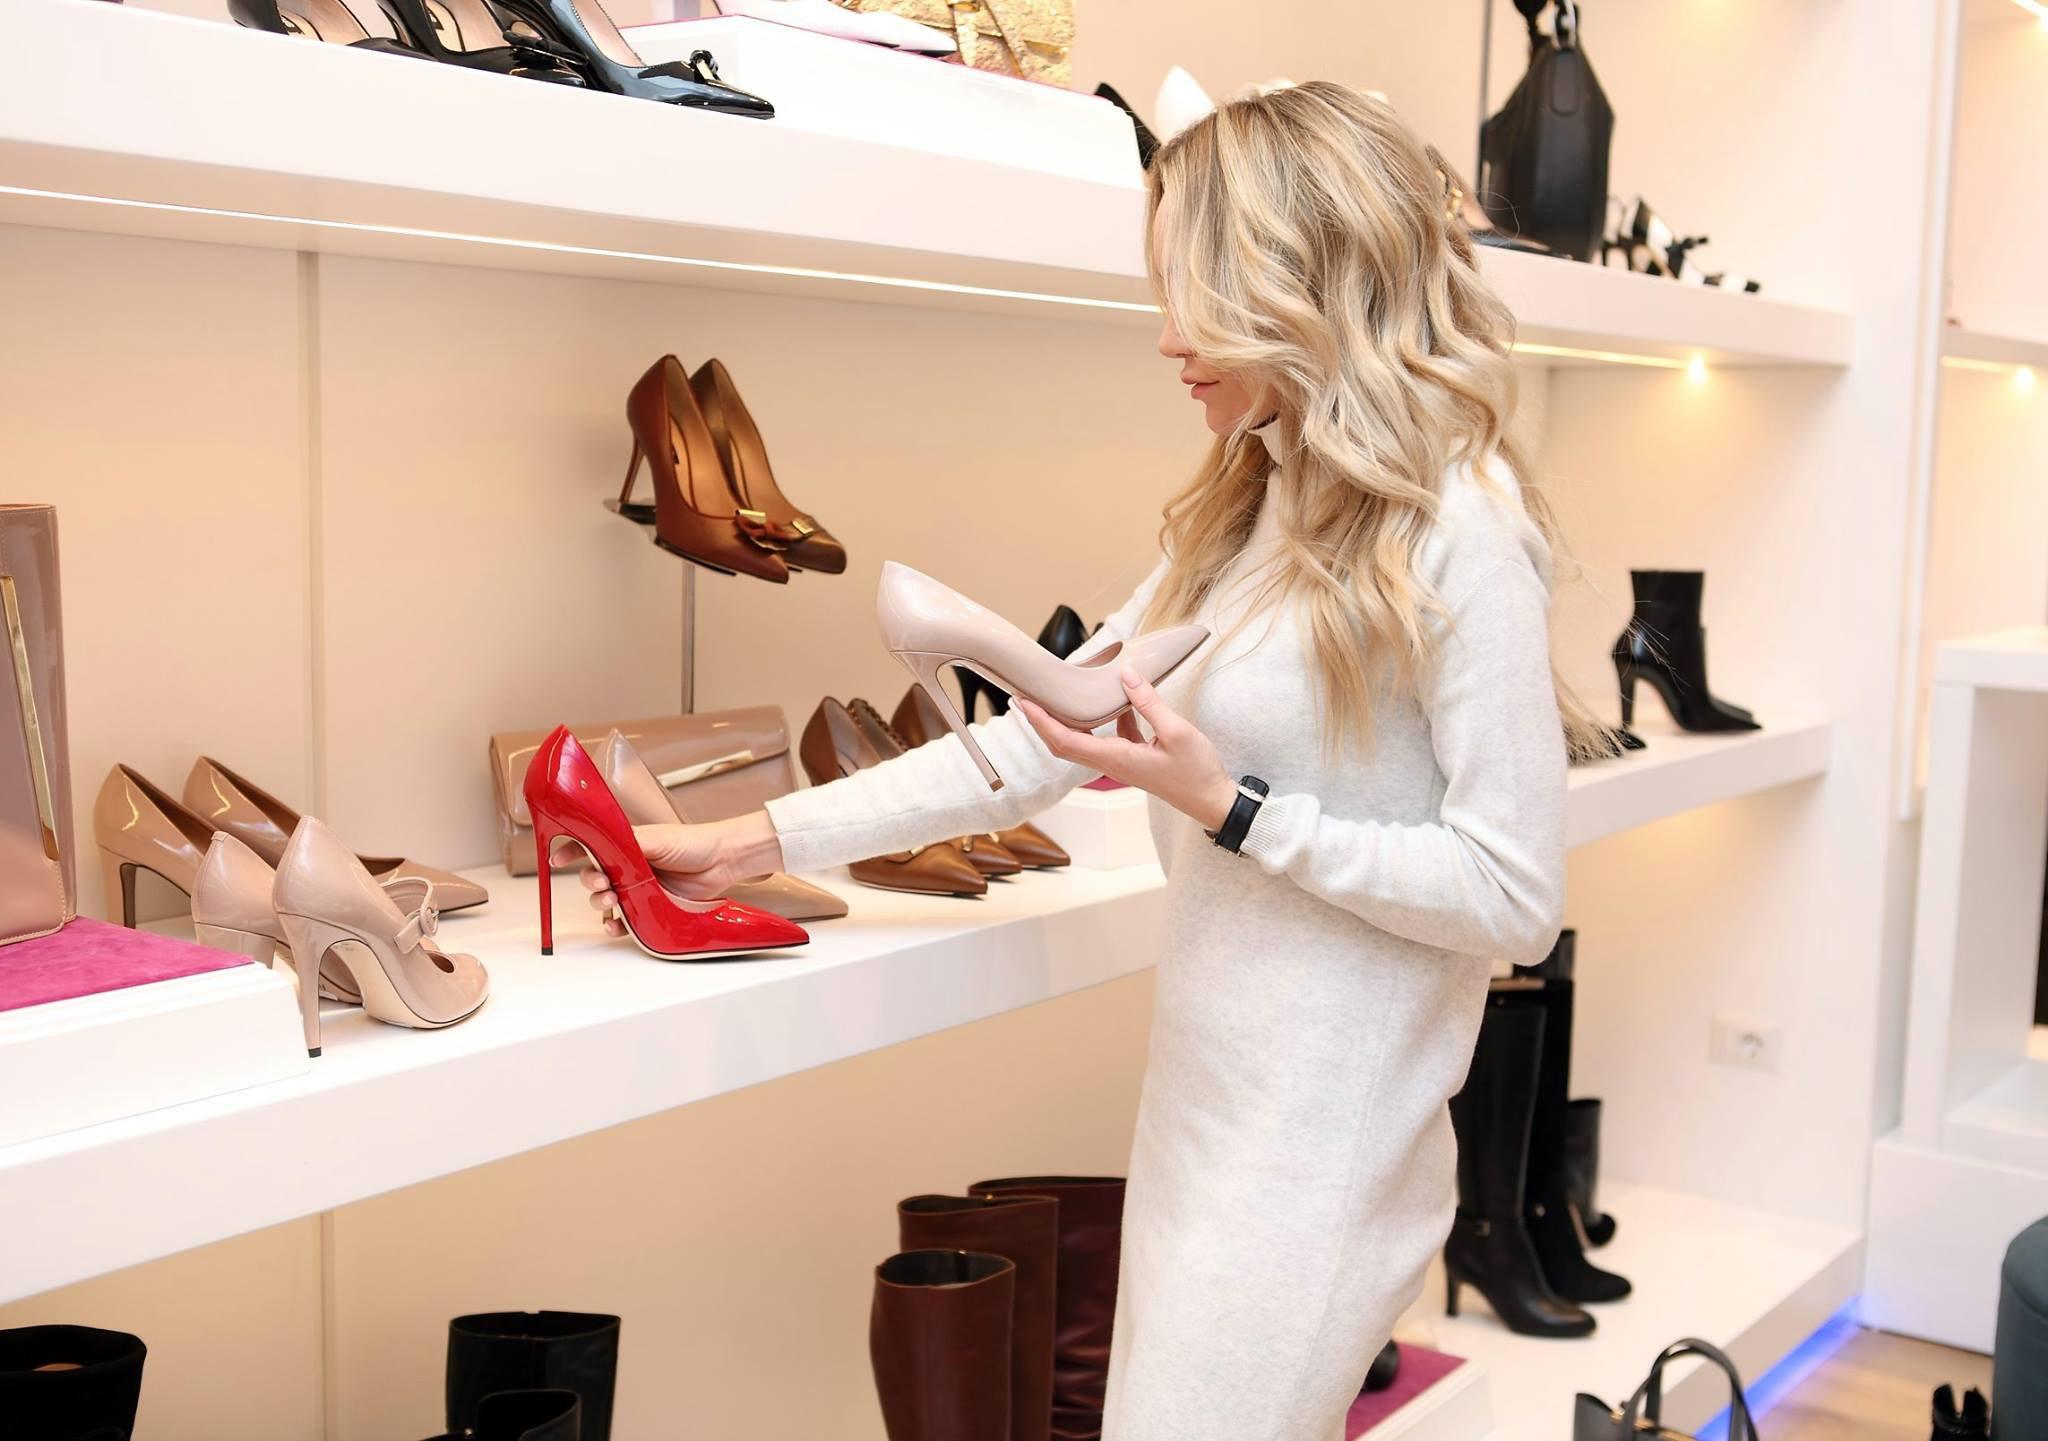 Отраслевое исследование качества обслуживания в магазинах обуви (ноябрь-декабрь 2018)